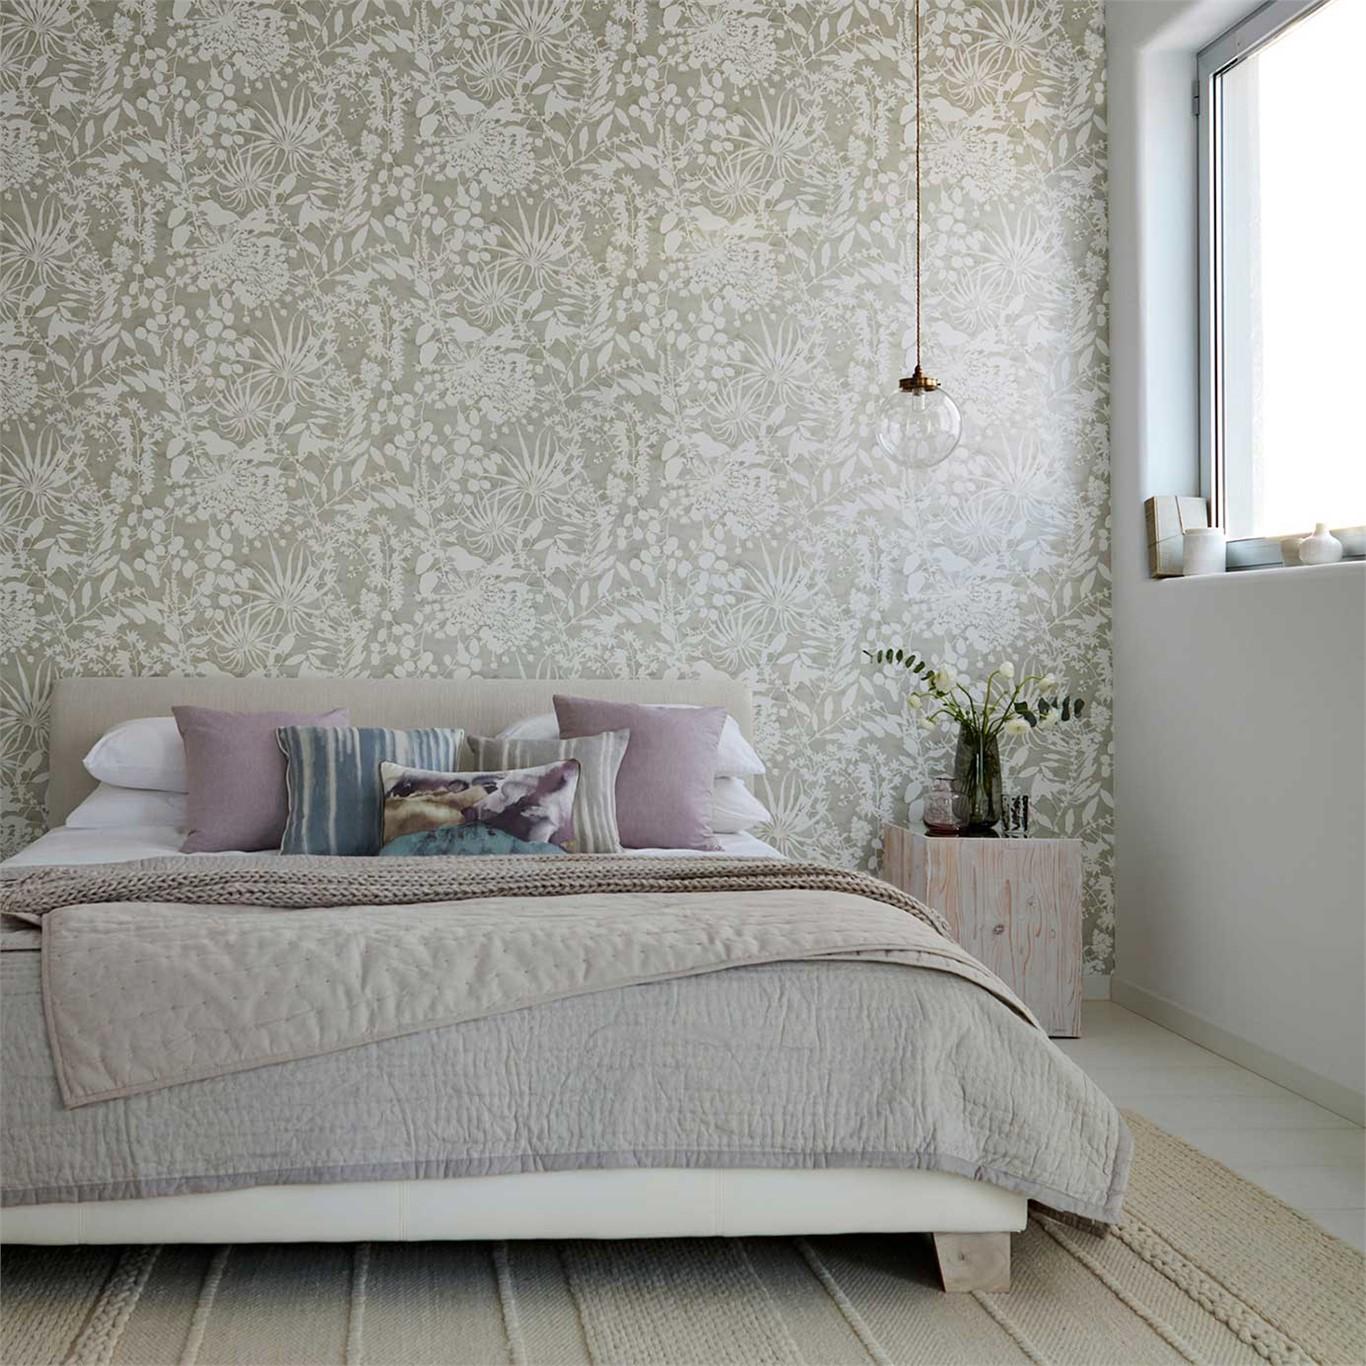 Papel pintado para cabecero cama vinilo adhesivo cabecero de cama de hierro with papel pintado - Cabecero cama pintado ...